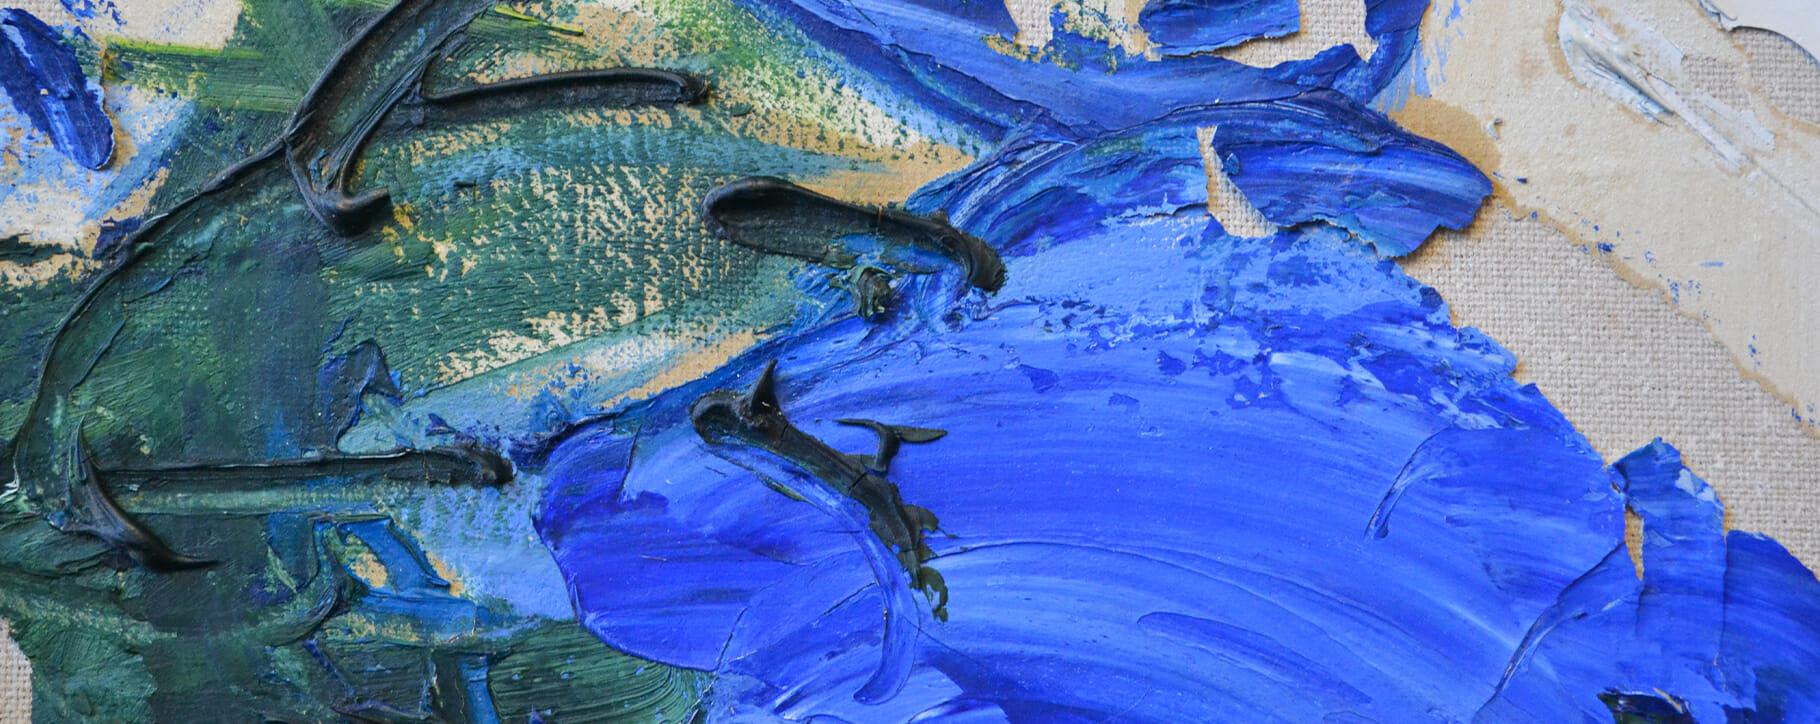 Blue Flaking Paint